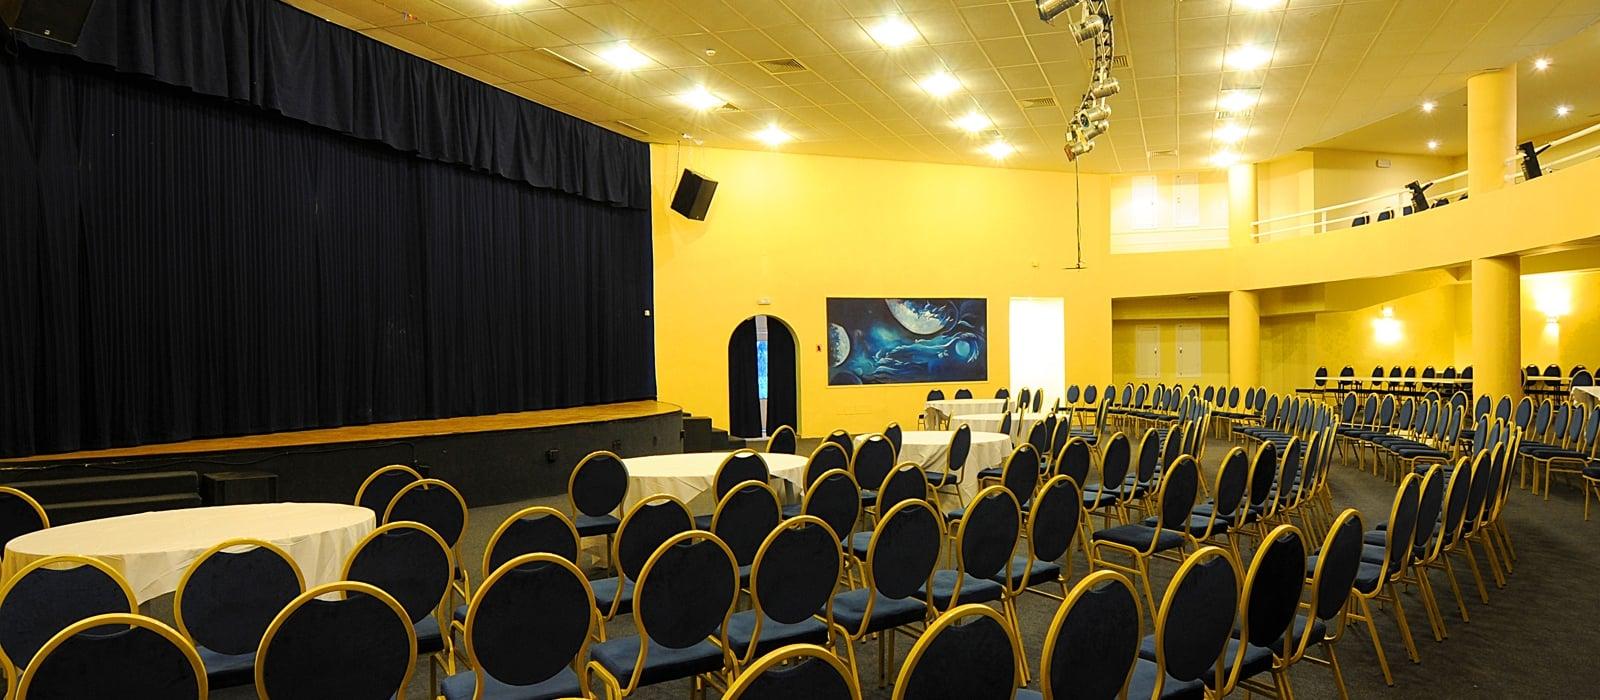 Incontri e Eventi Hotel Djerba Resort - Vincci Hoteles